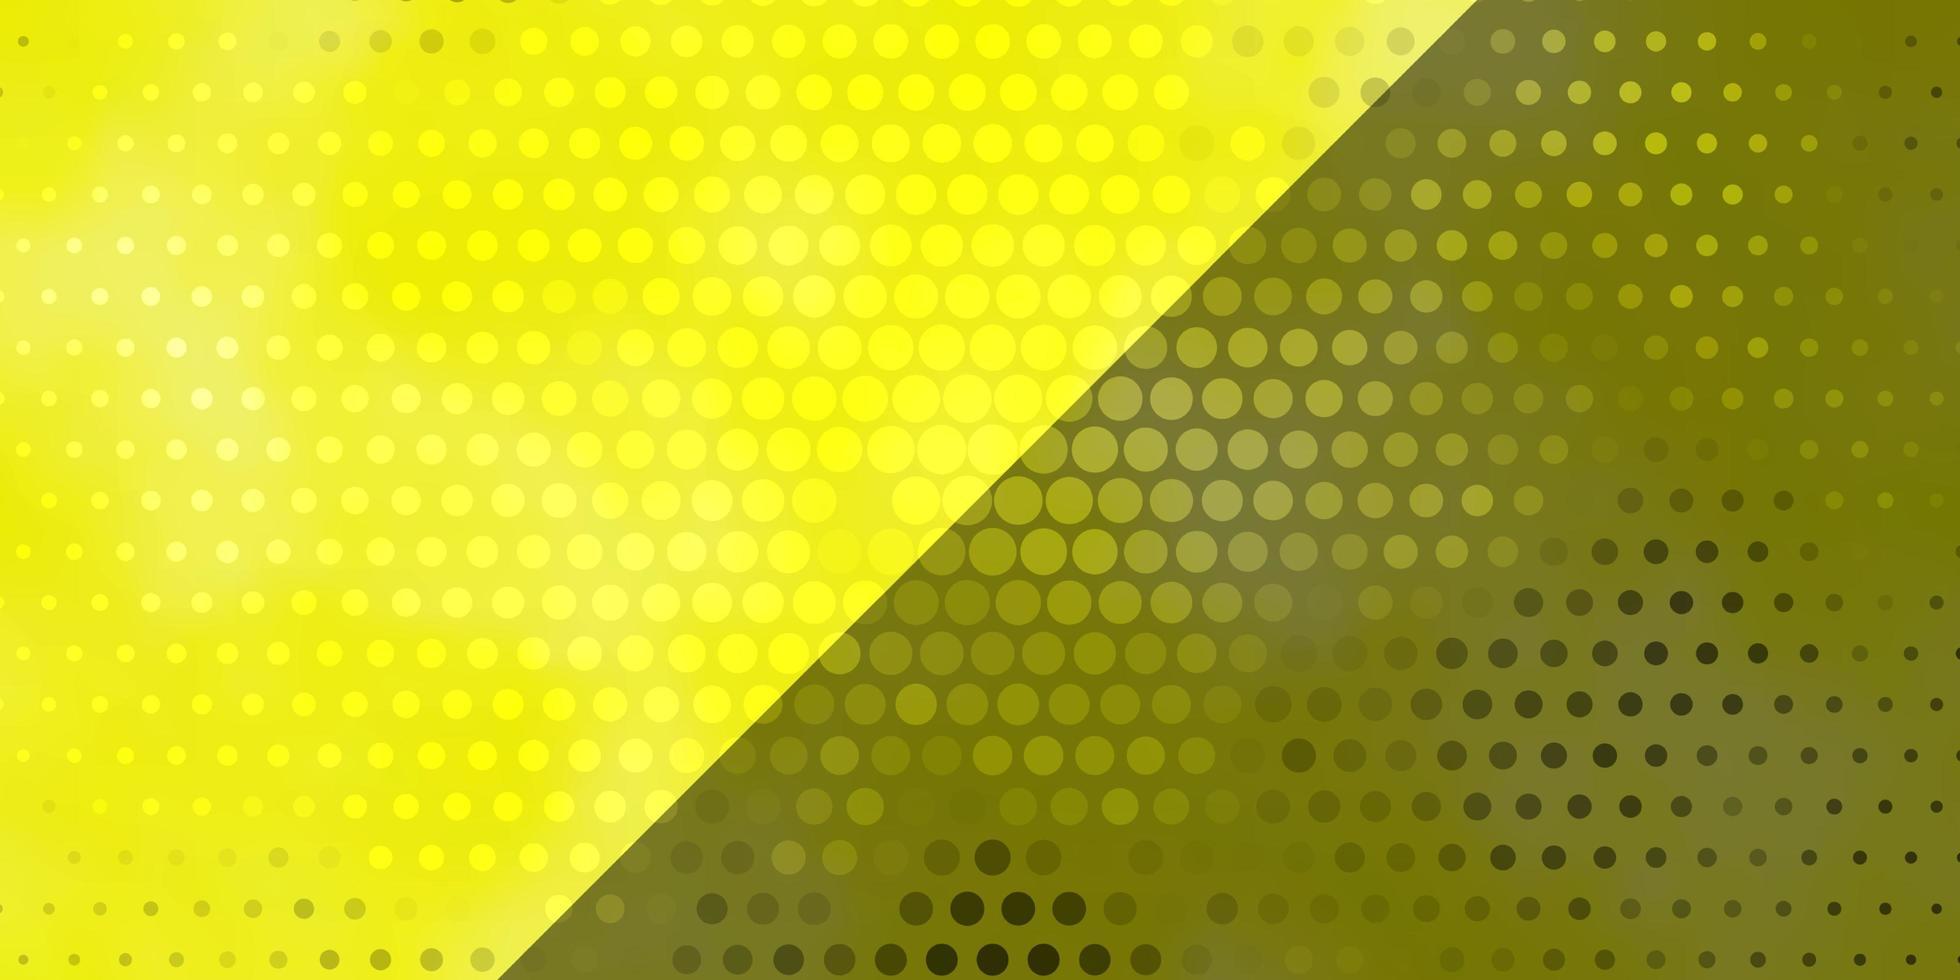 gelbes Muster mit Kreisen. vektor